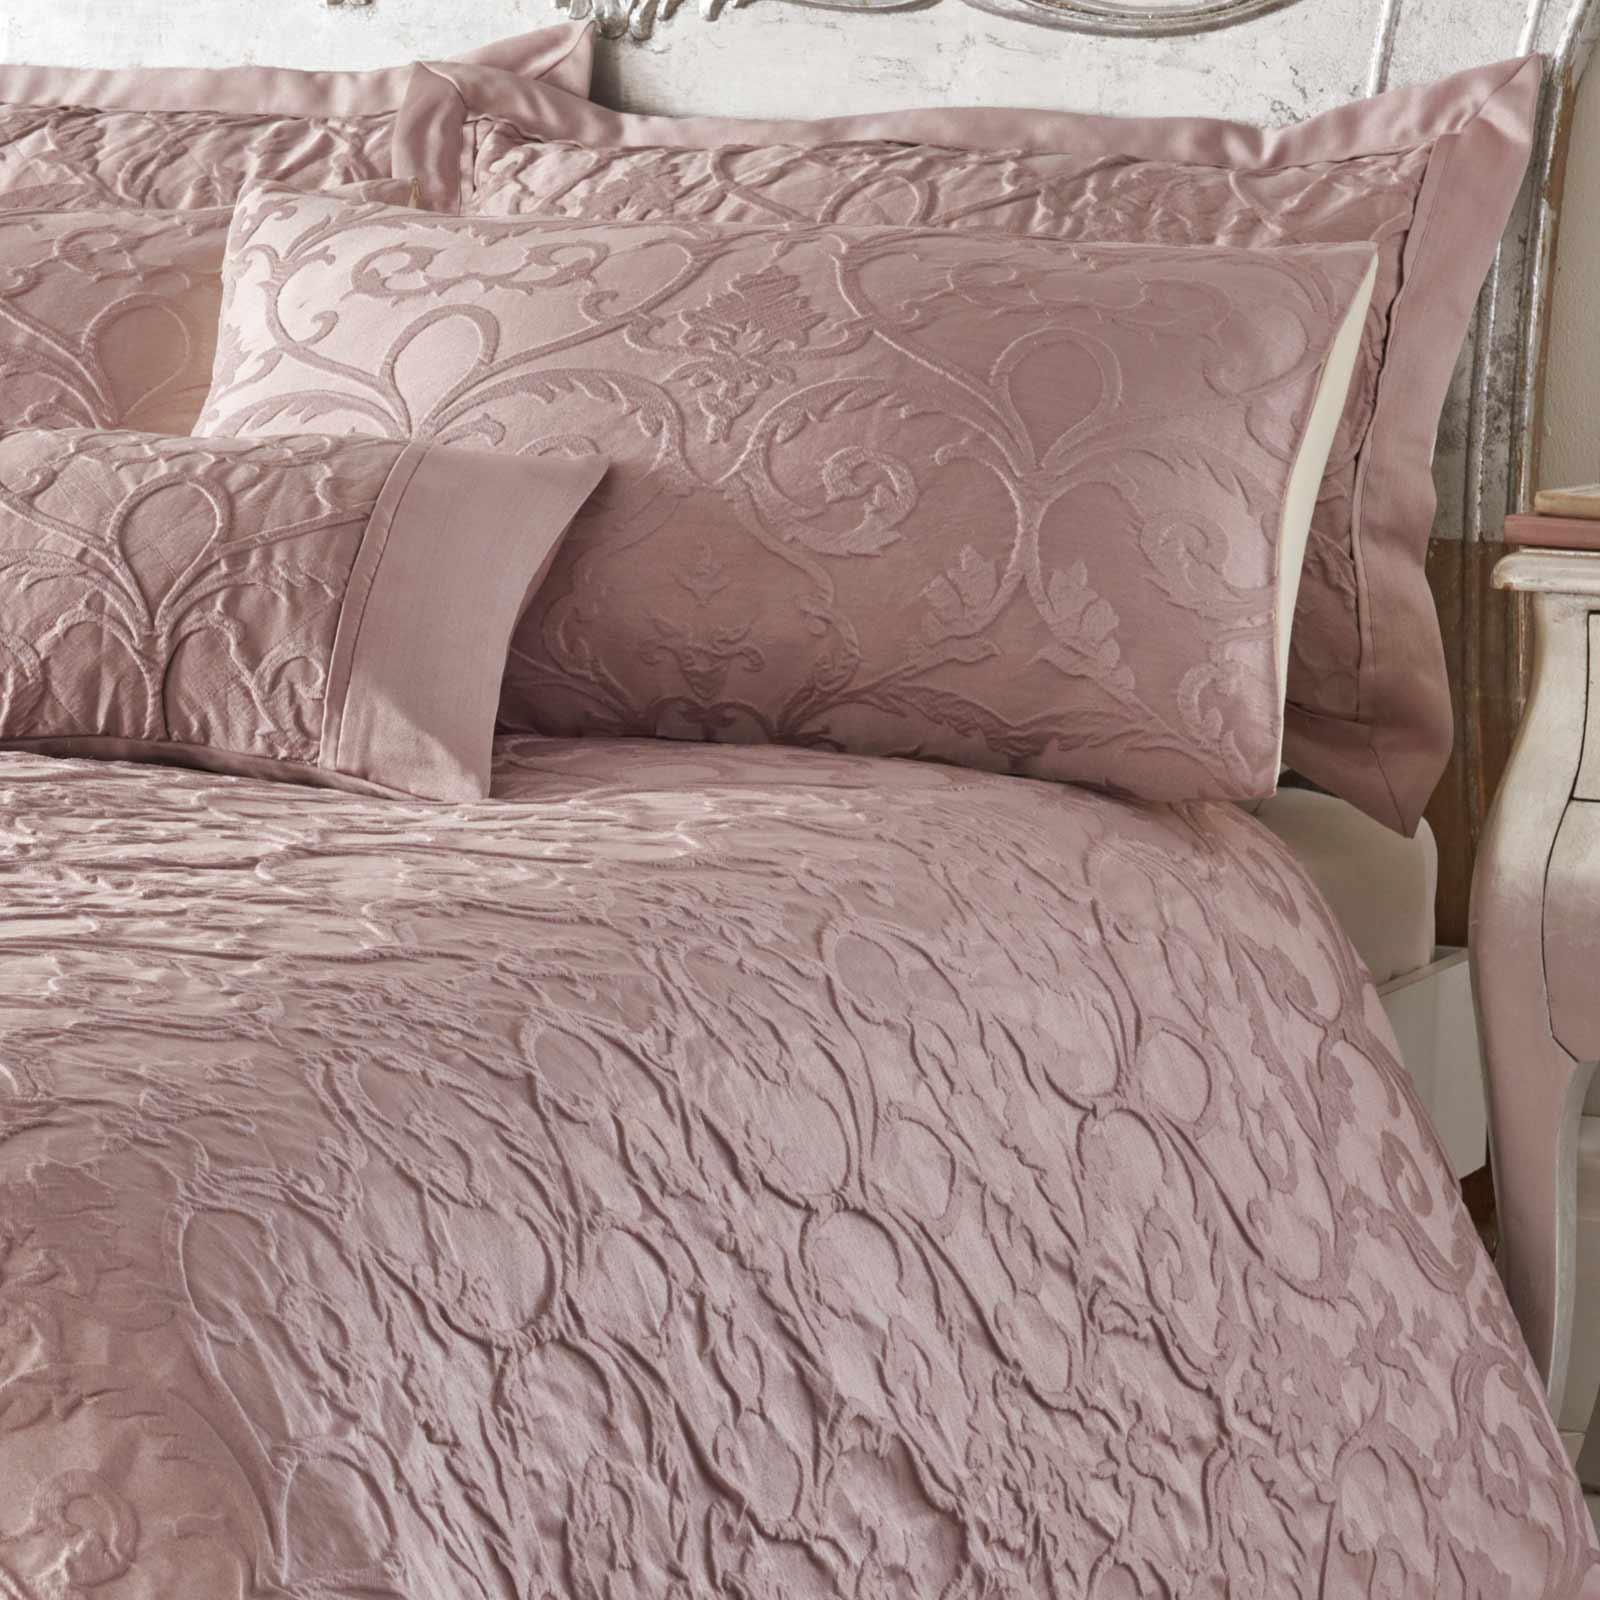 Blush-fundas-nordicas-Rosa-con-Textura-Jacquard-Edredon-Cubierta-de-Lujo-Coleccion-de-ropa-de-cama miniatura 16